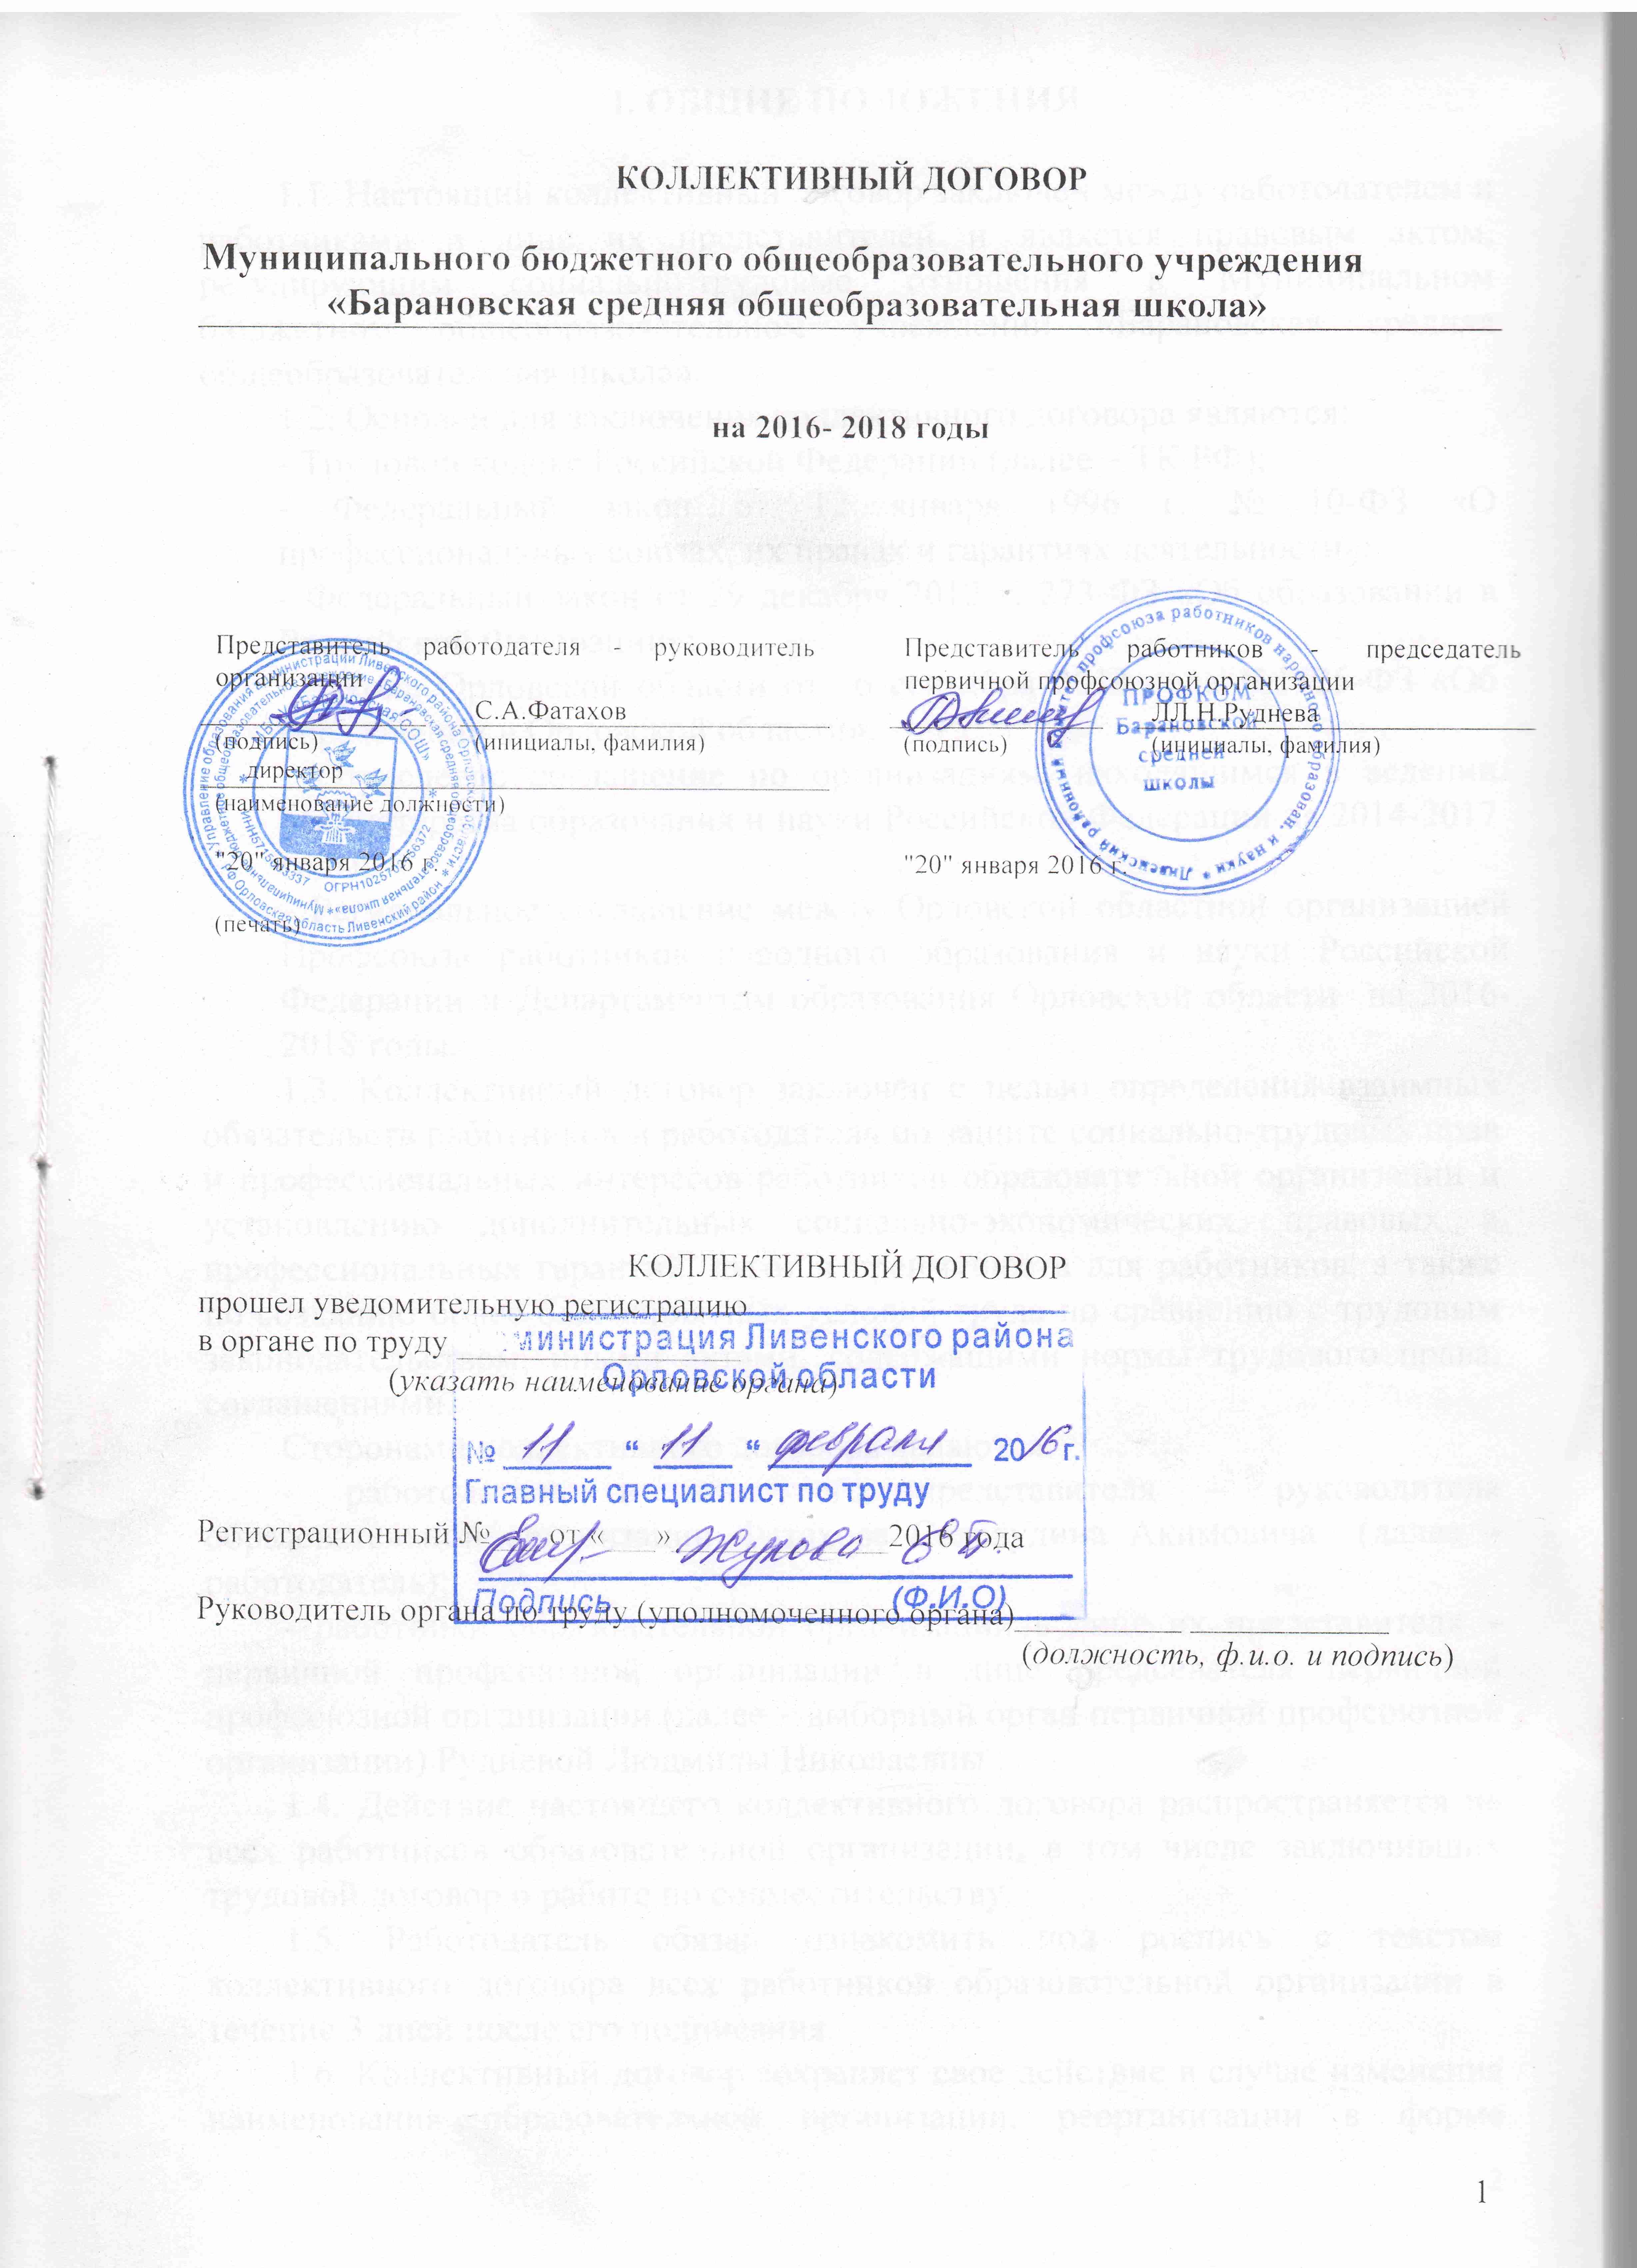 Коллективный договор - понятие, образец, оформление, регистрация и срок вступления в силу